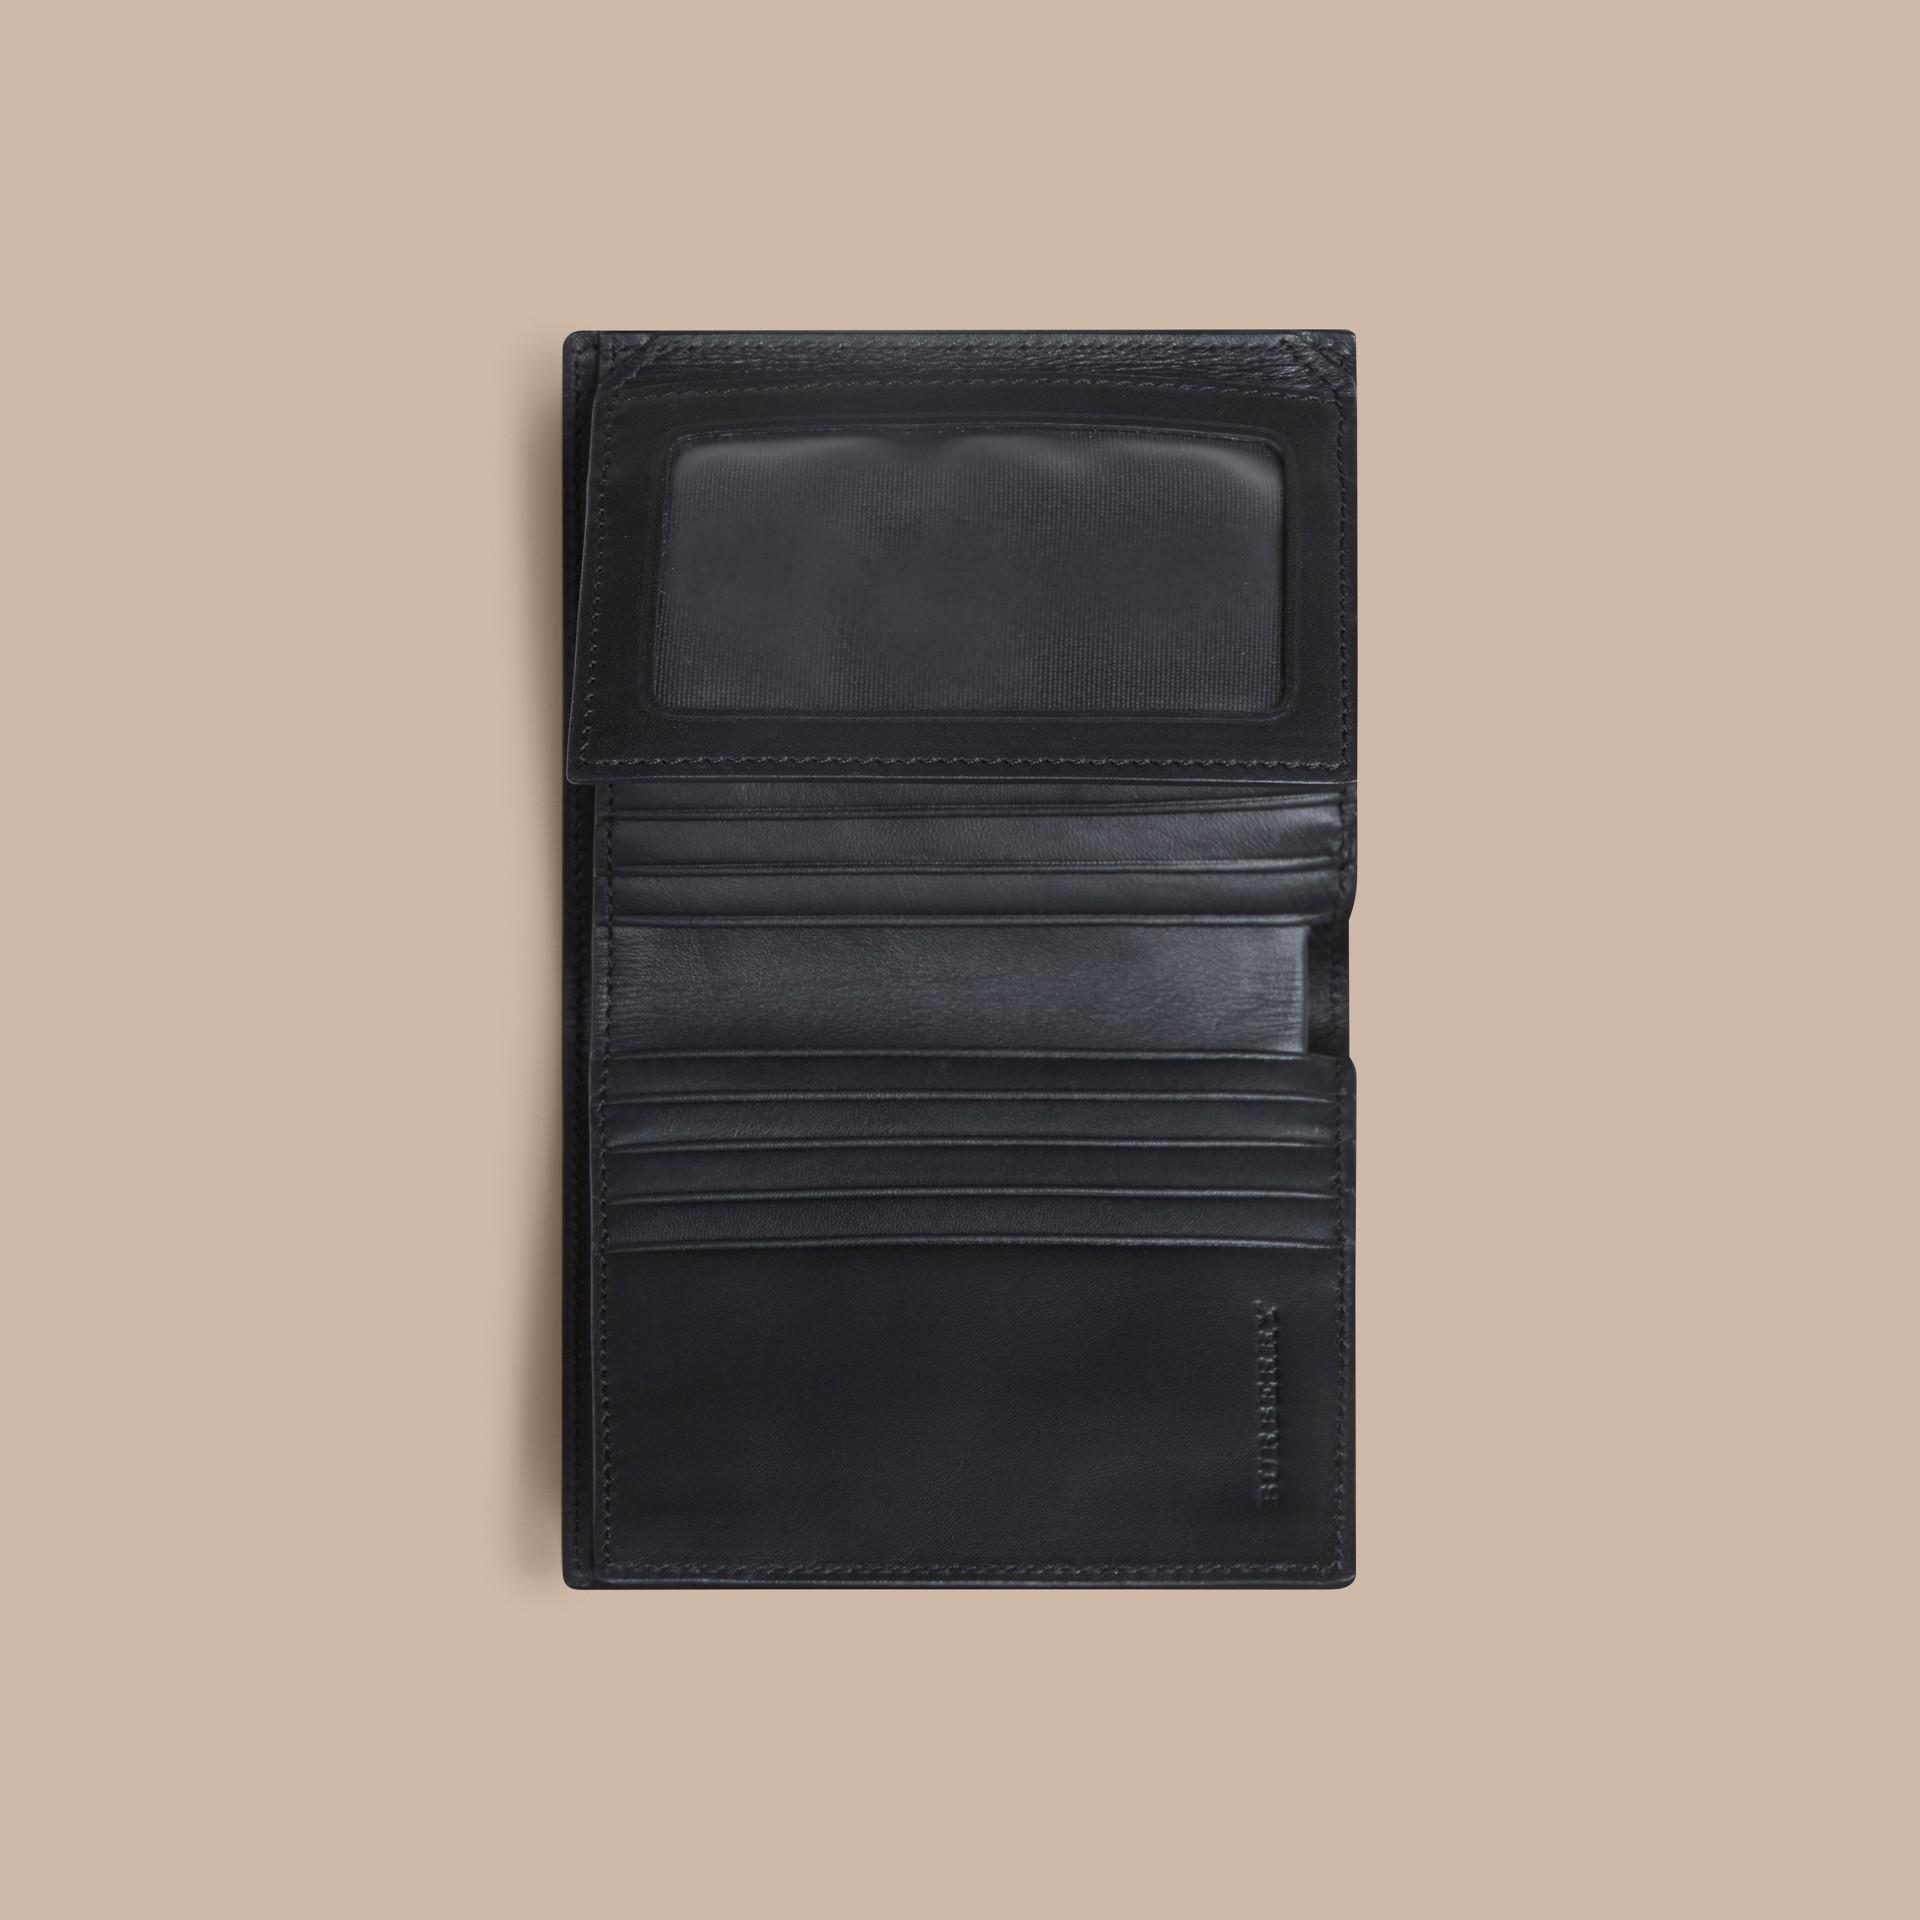 초콜릿/블랙 스모크 체크 아이디 지갑 초콜릿/블랙 - 갤러리 이미지 4